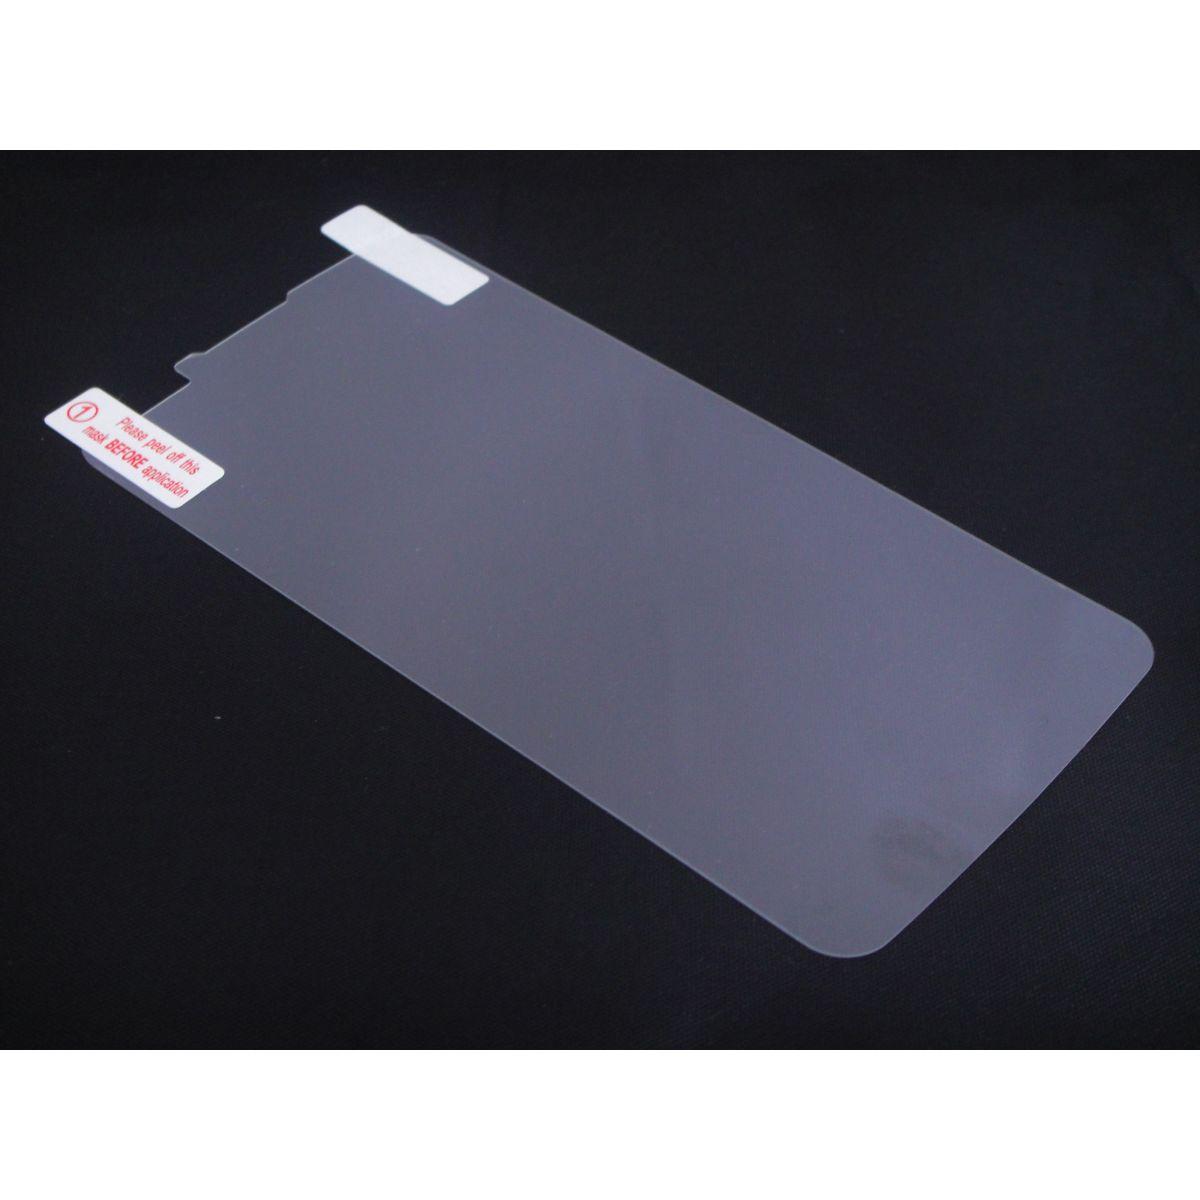 Pelicula Protetora para LG G Pro Lite Dual D685 Fosca